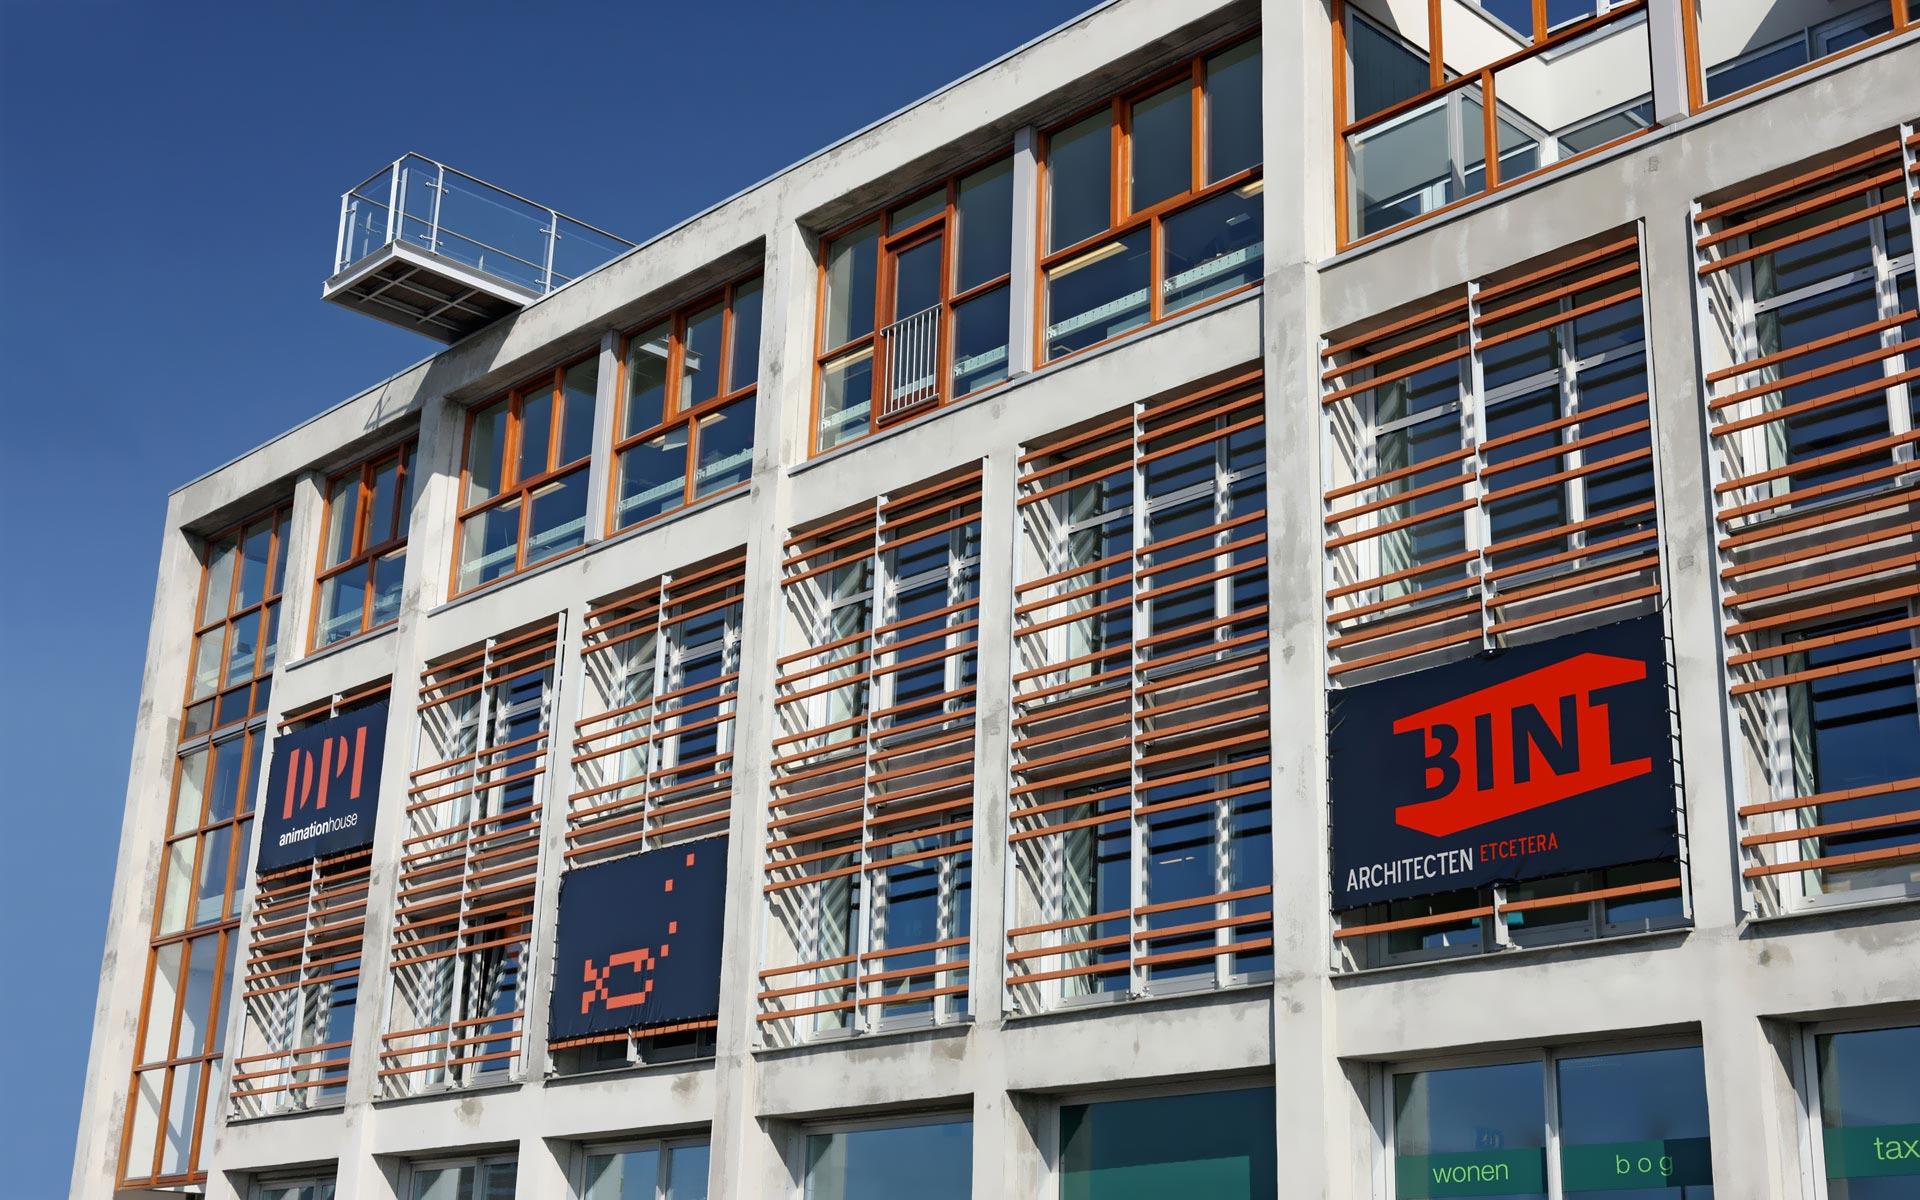 BINT architecten - Dr. Lelykade 56 Den Haag